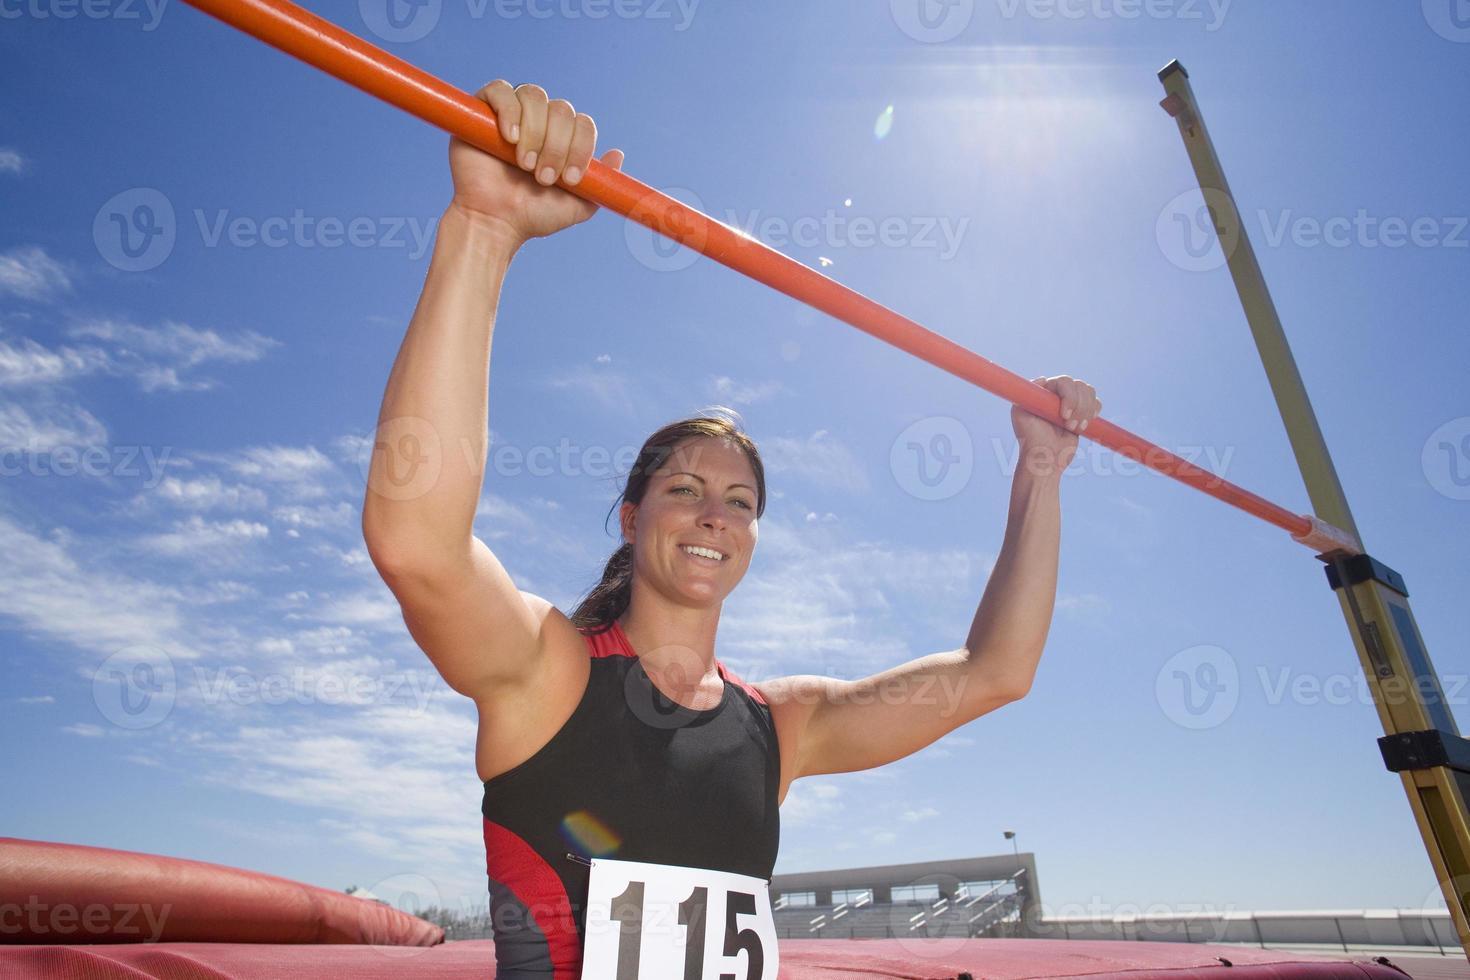 giovane atleta femminile con le mani sulla barra (riflesso lente) foto